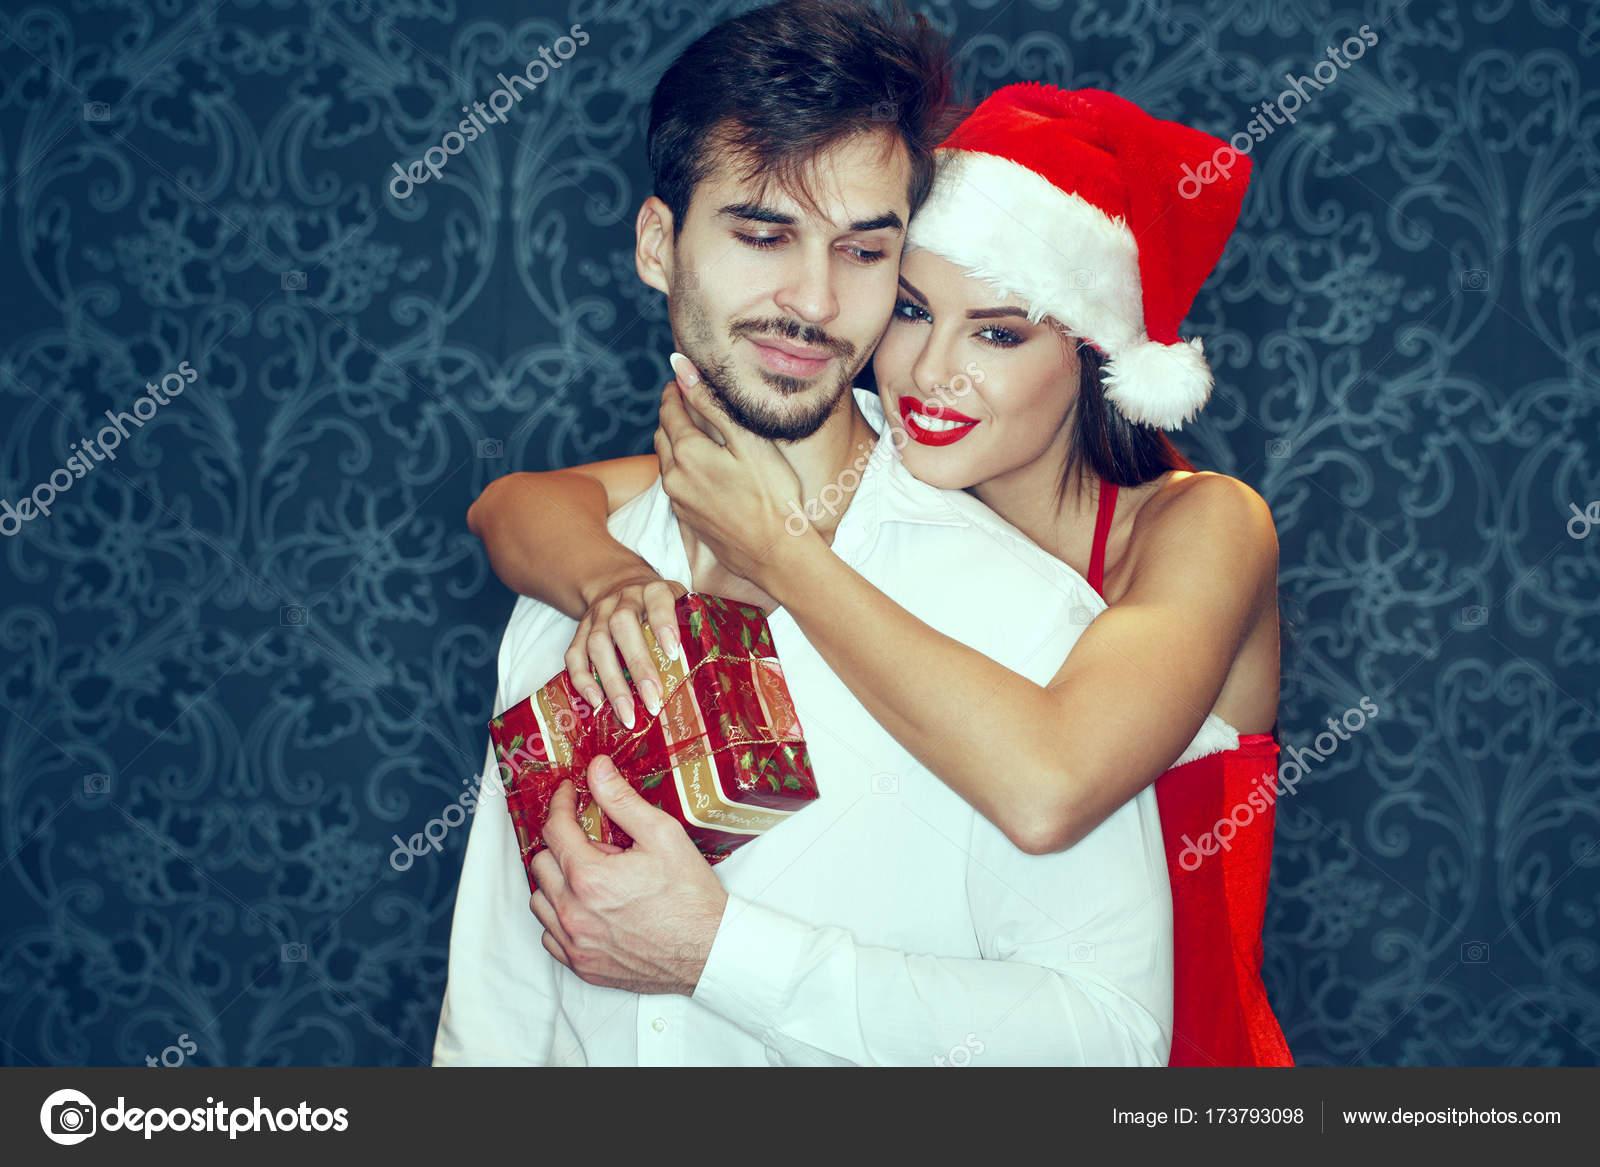 Regalo Natale Amore.Giovani Coppie Con Il Contenitore Di Regalo A Natale Amore